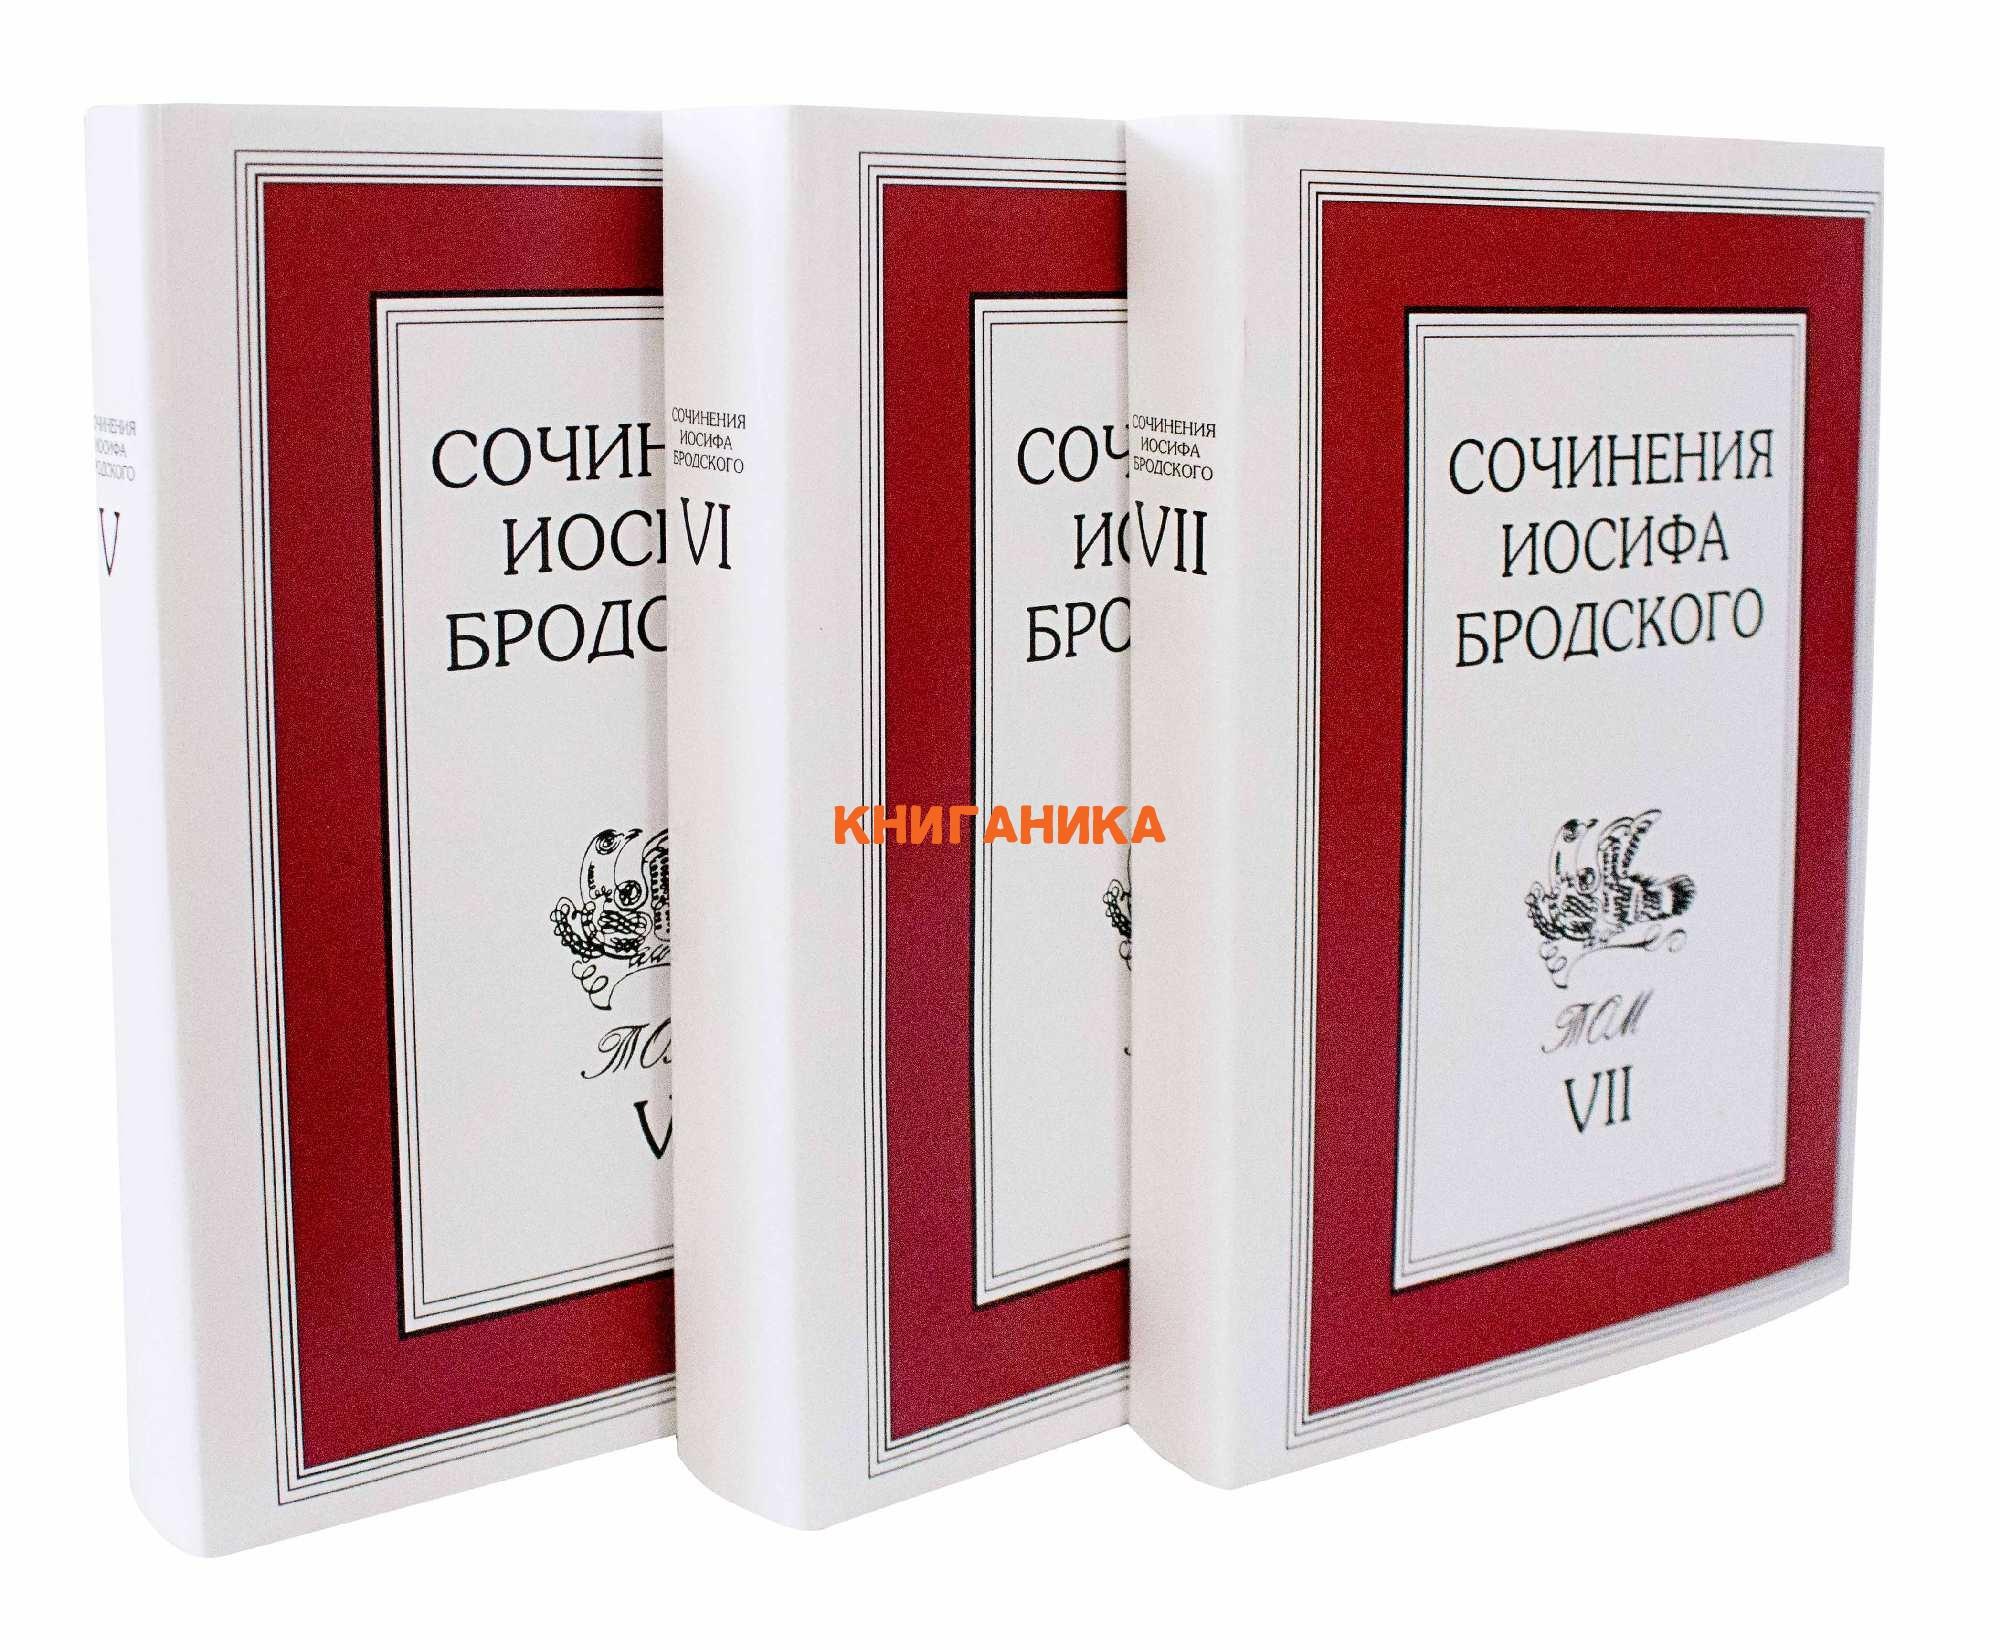 Бродский И.А. Сочинения в 7 томах